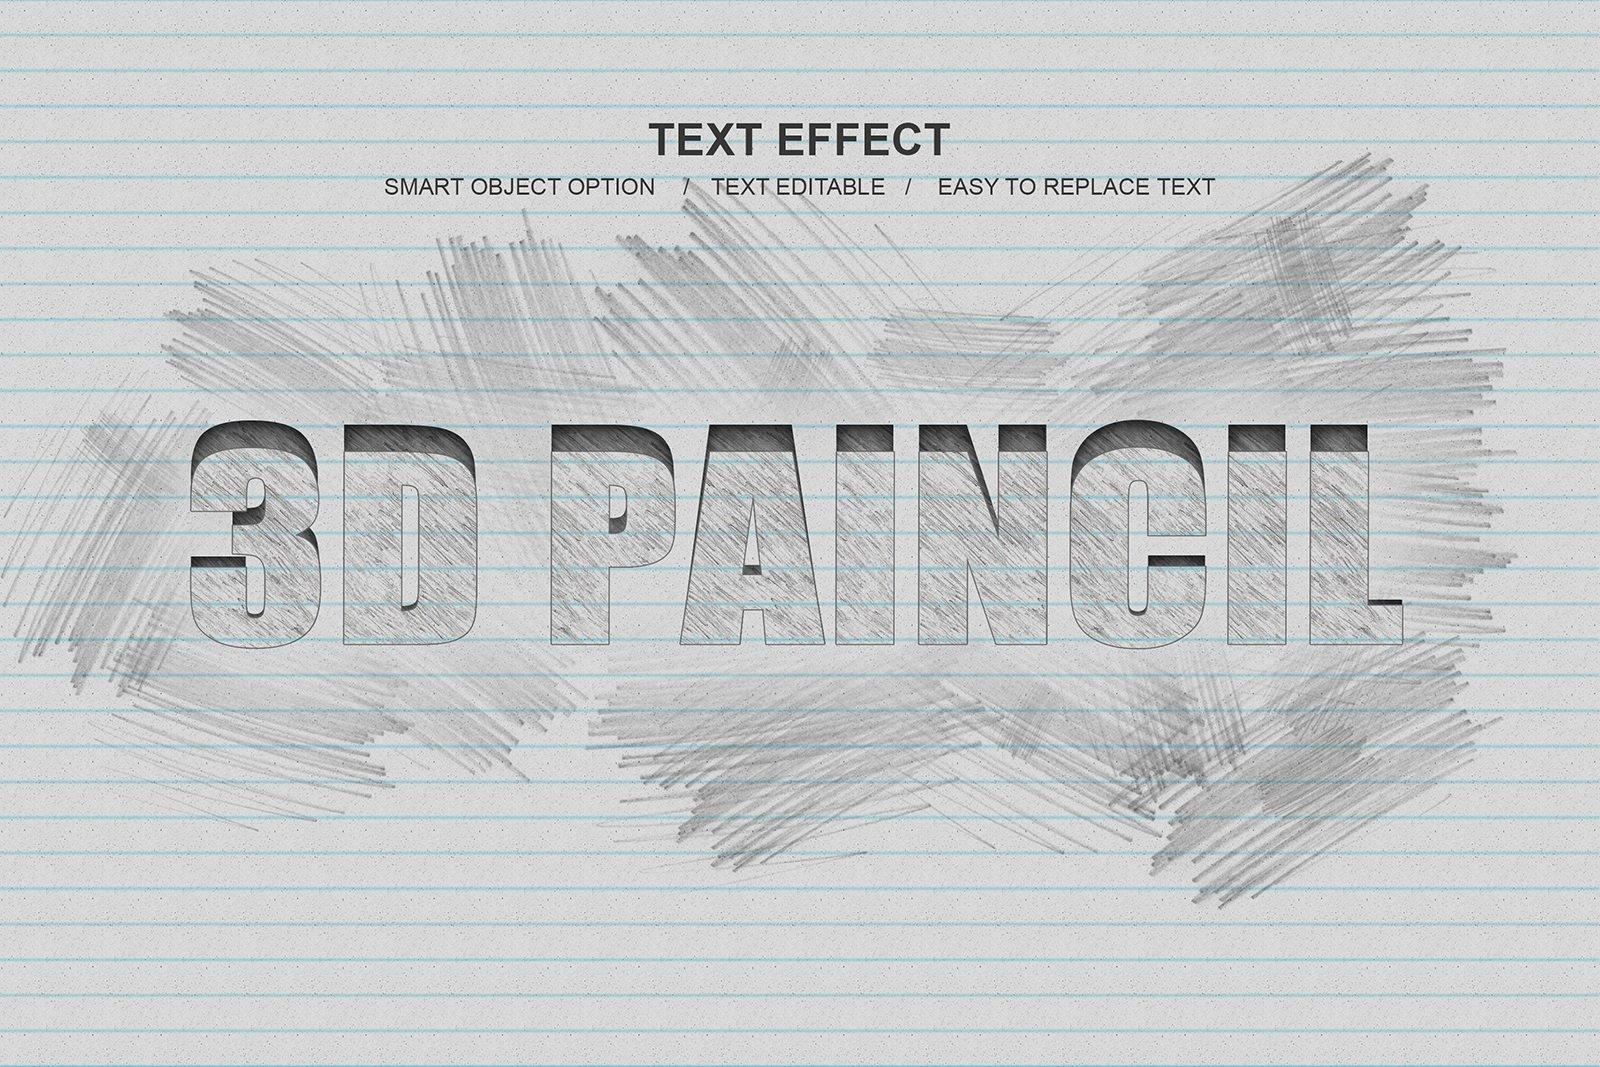 30款故障金属3D立体标题字体设计PS样式模板素材 Photoshop Layer Style Bundle插图(8)